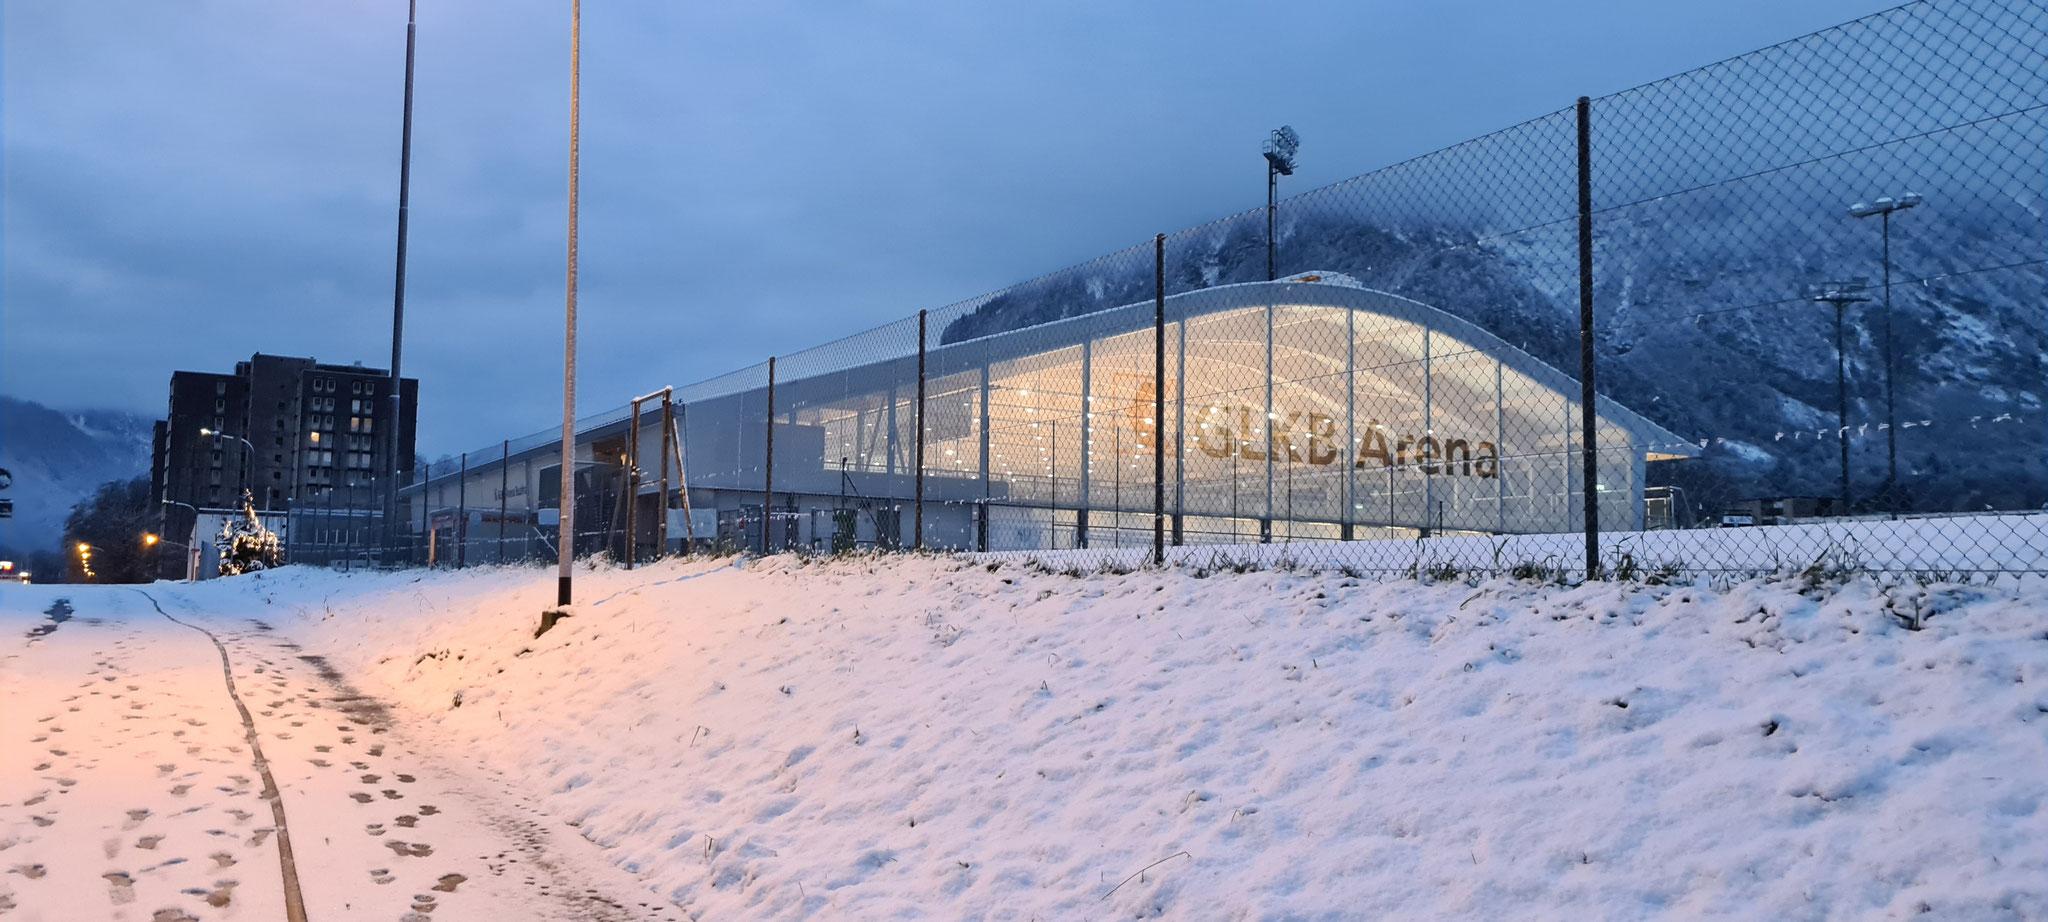 Hell erleuchtet - die GLKB Arena